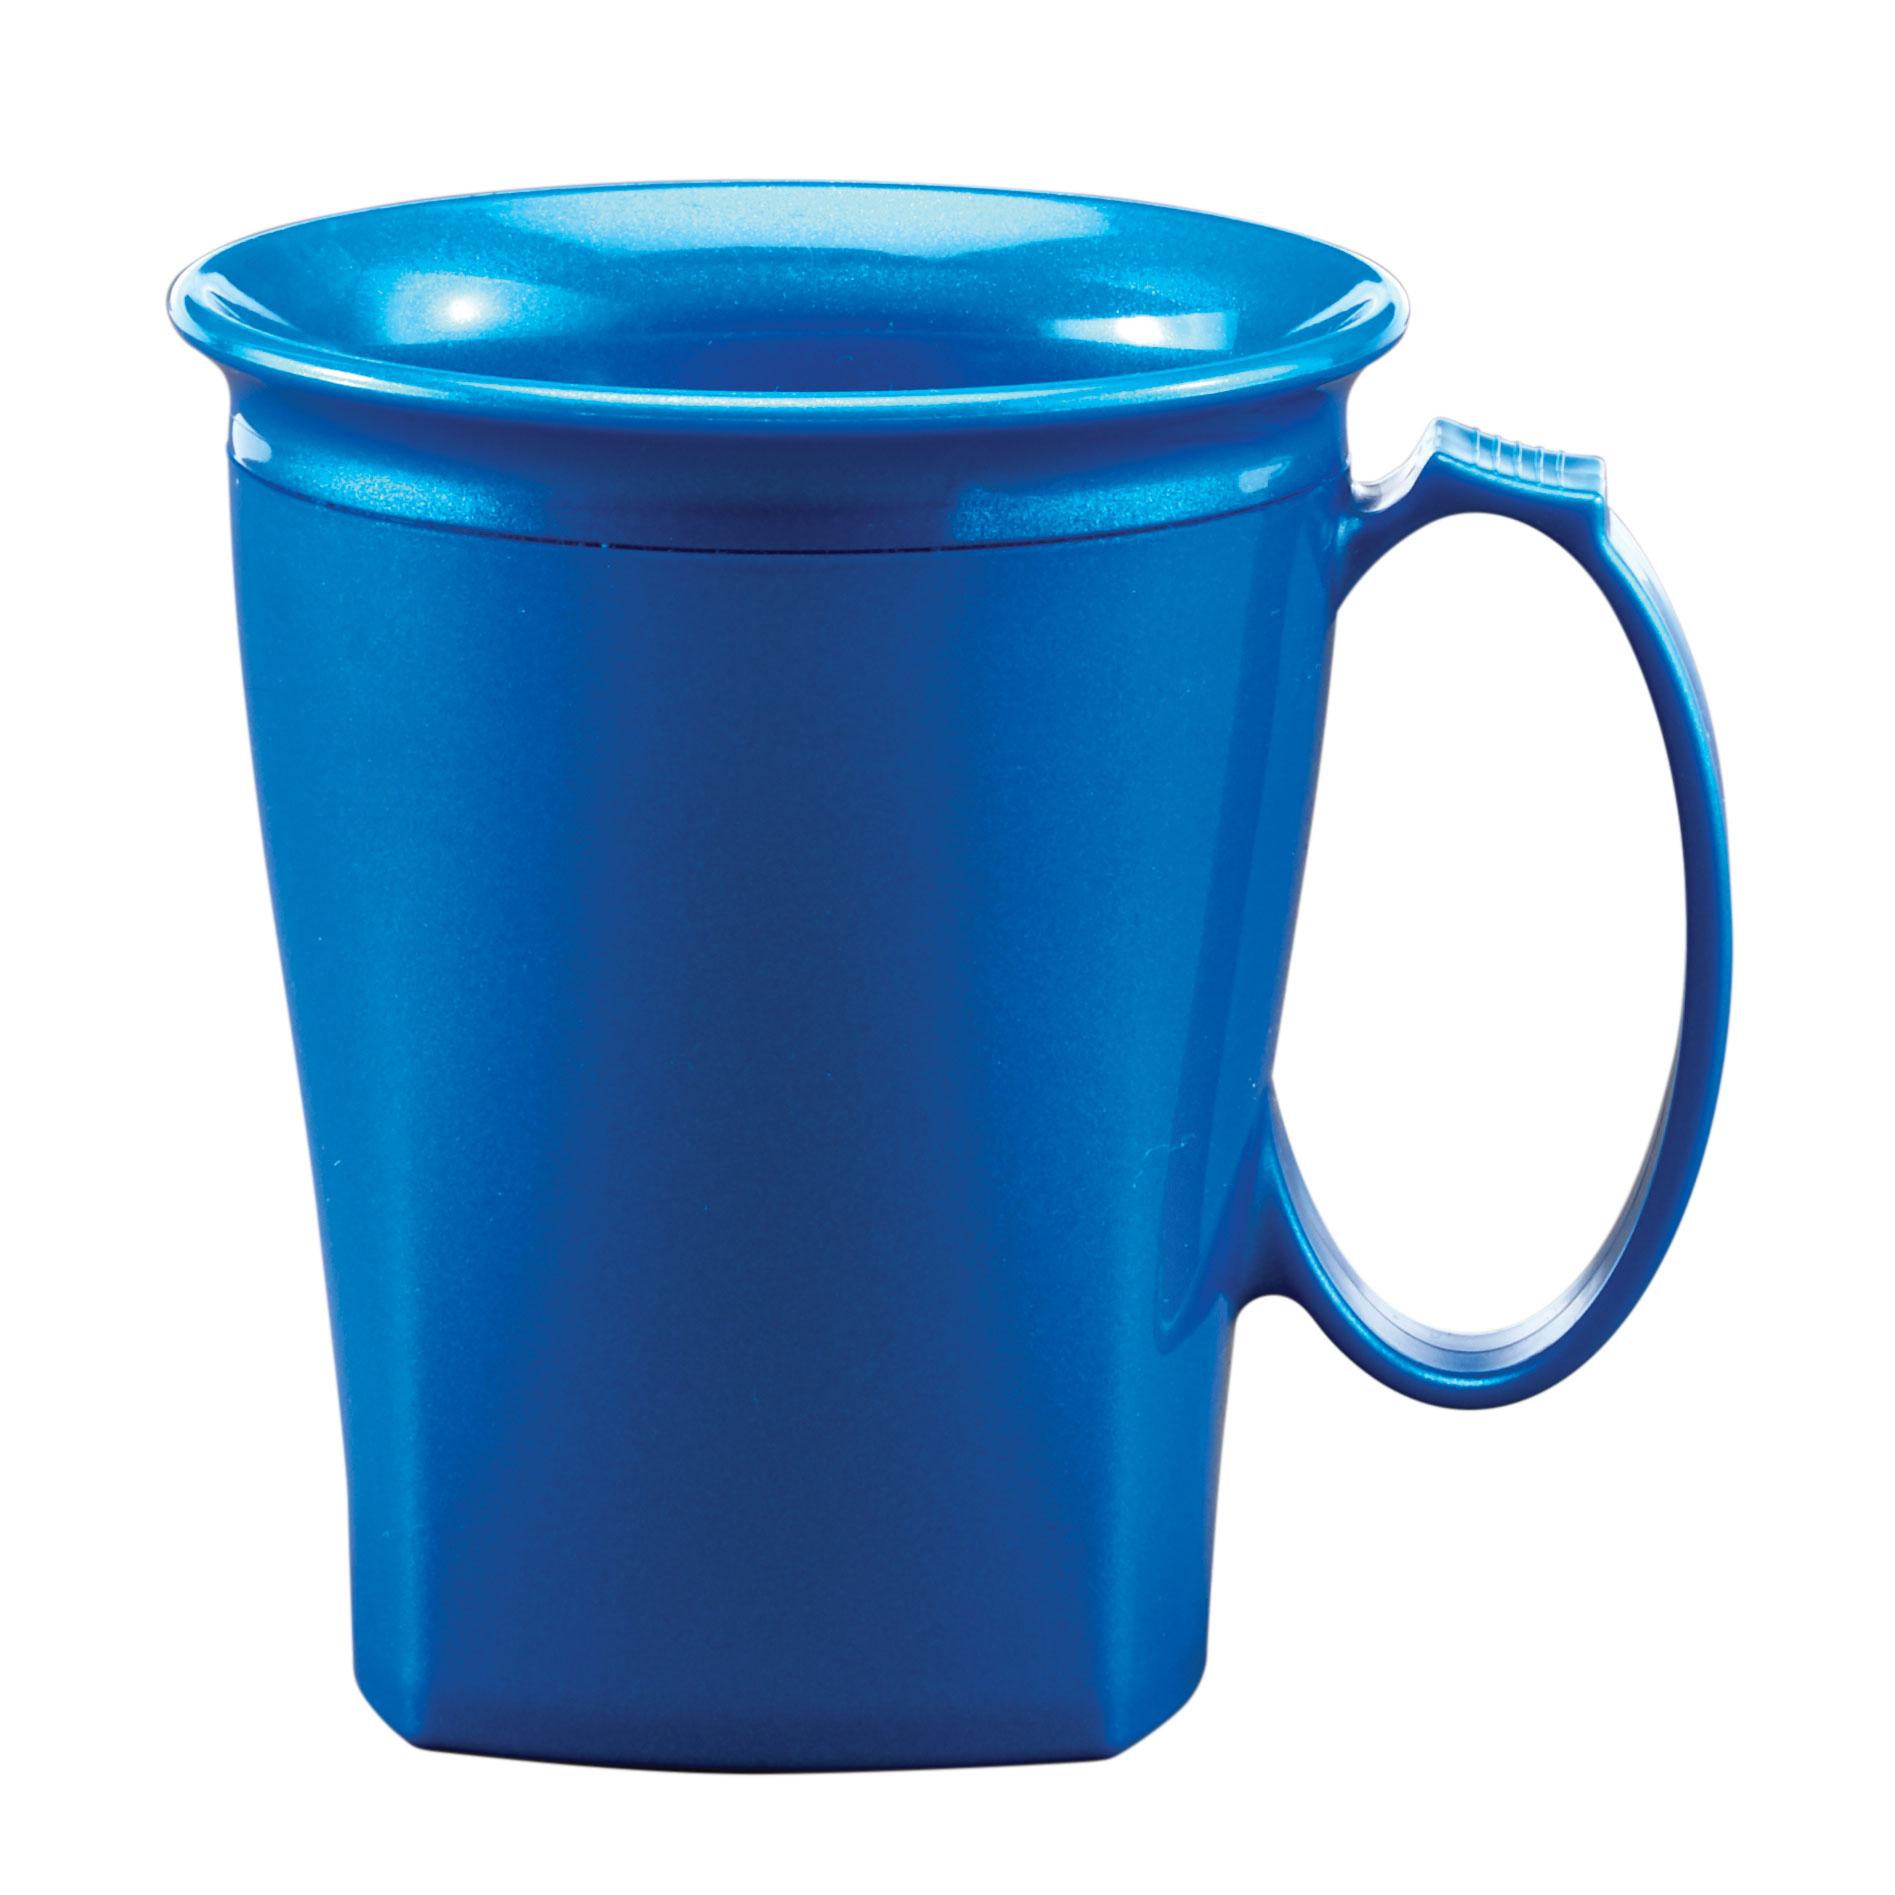 Cambro MDSHM8489 plastic drinkware